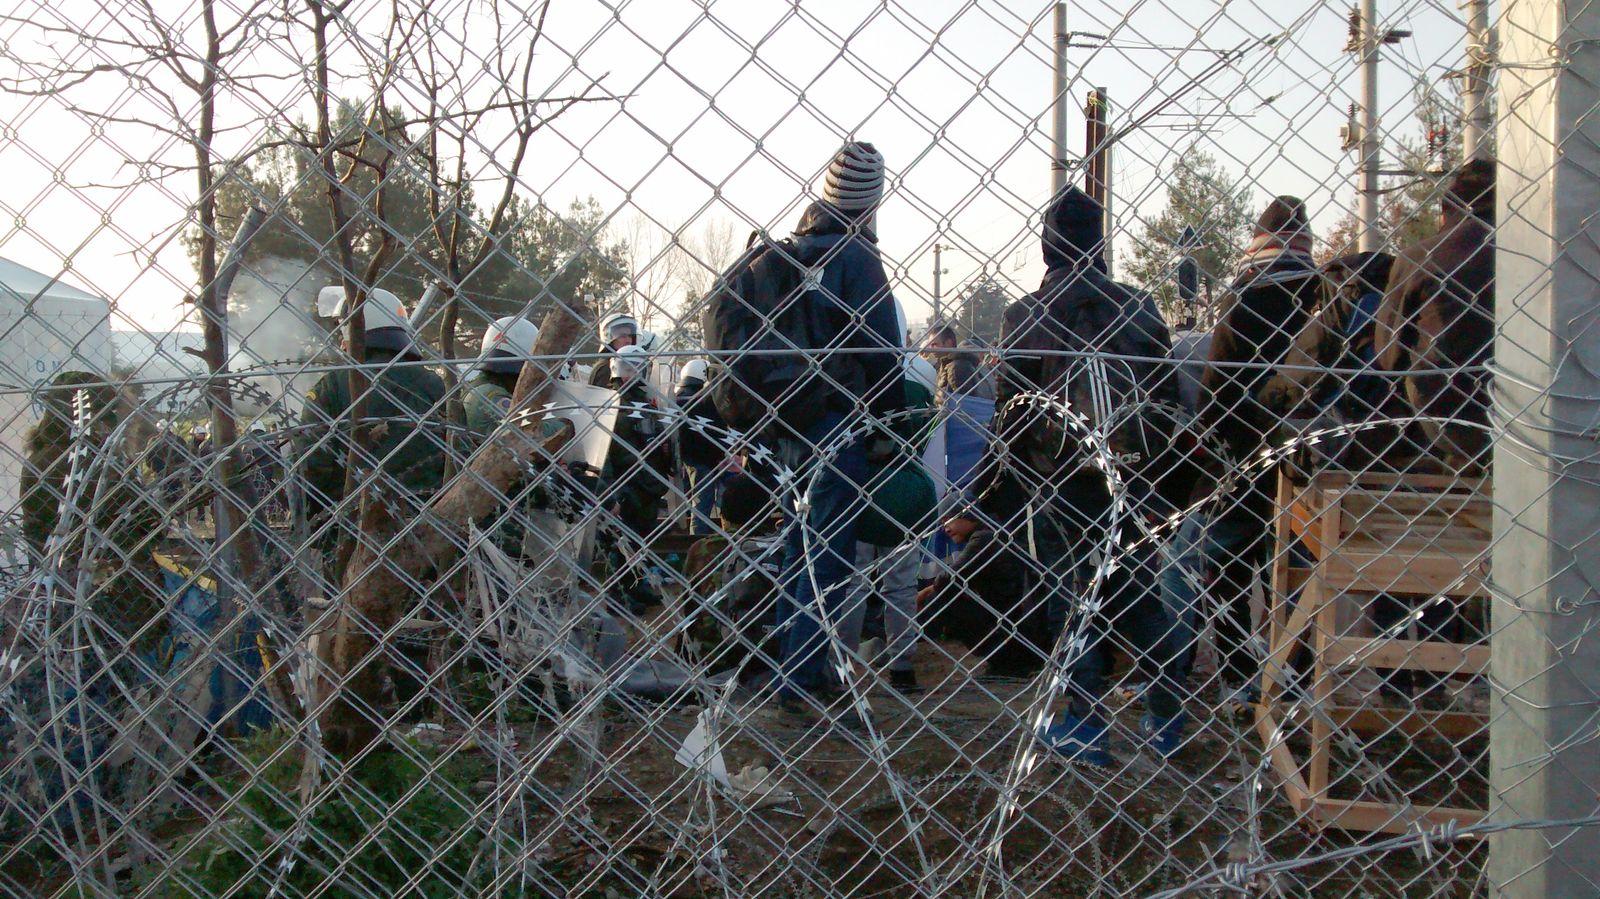 Grenze Mazedonien / Griechenland / Giorgos Christides